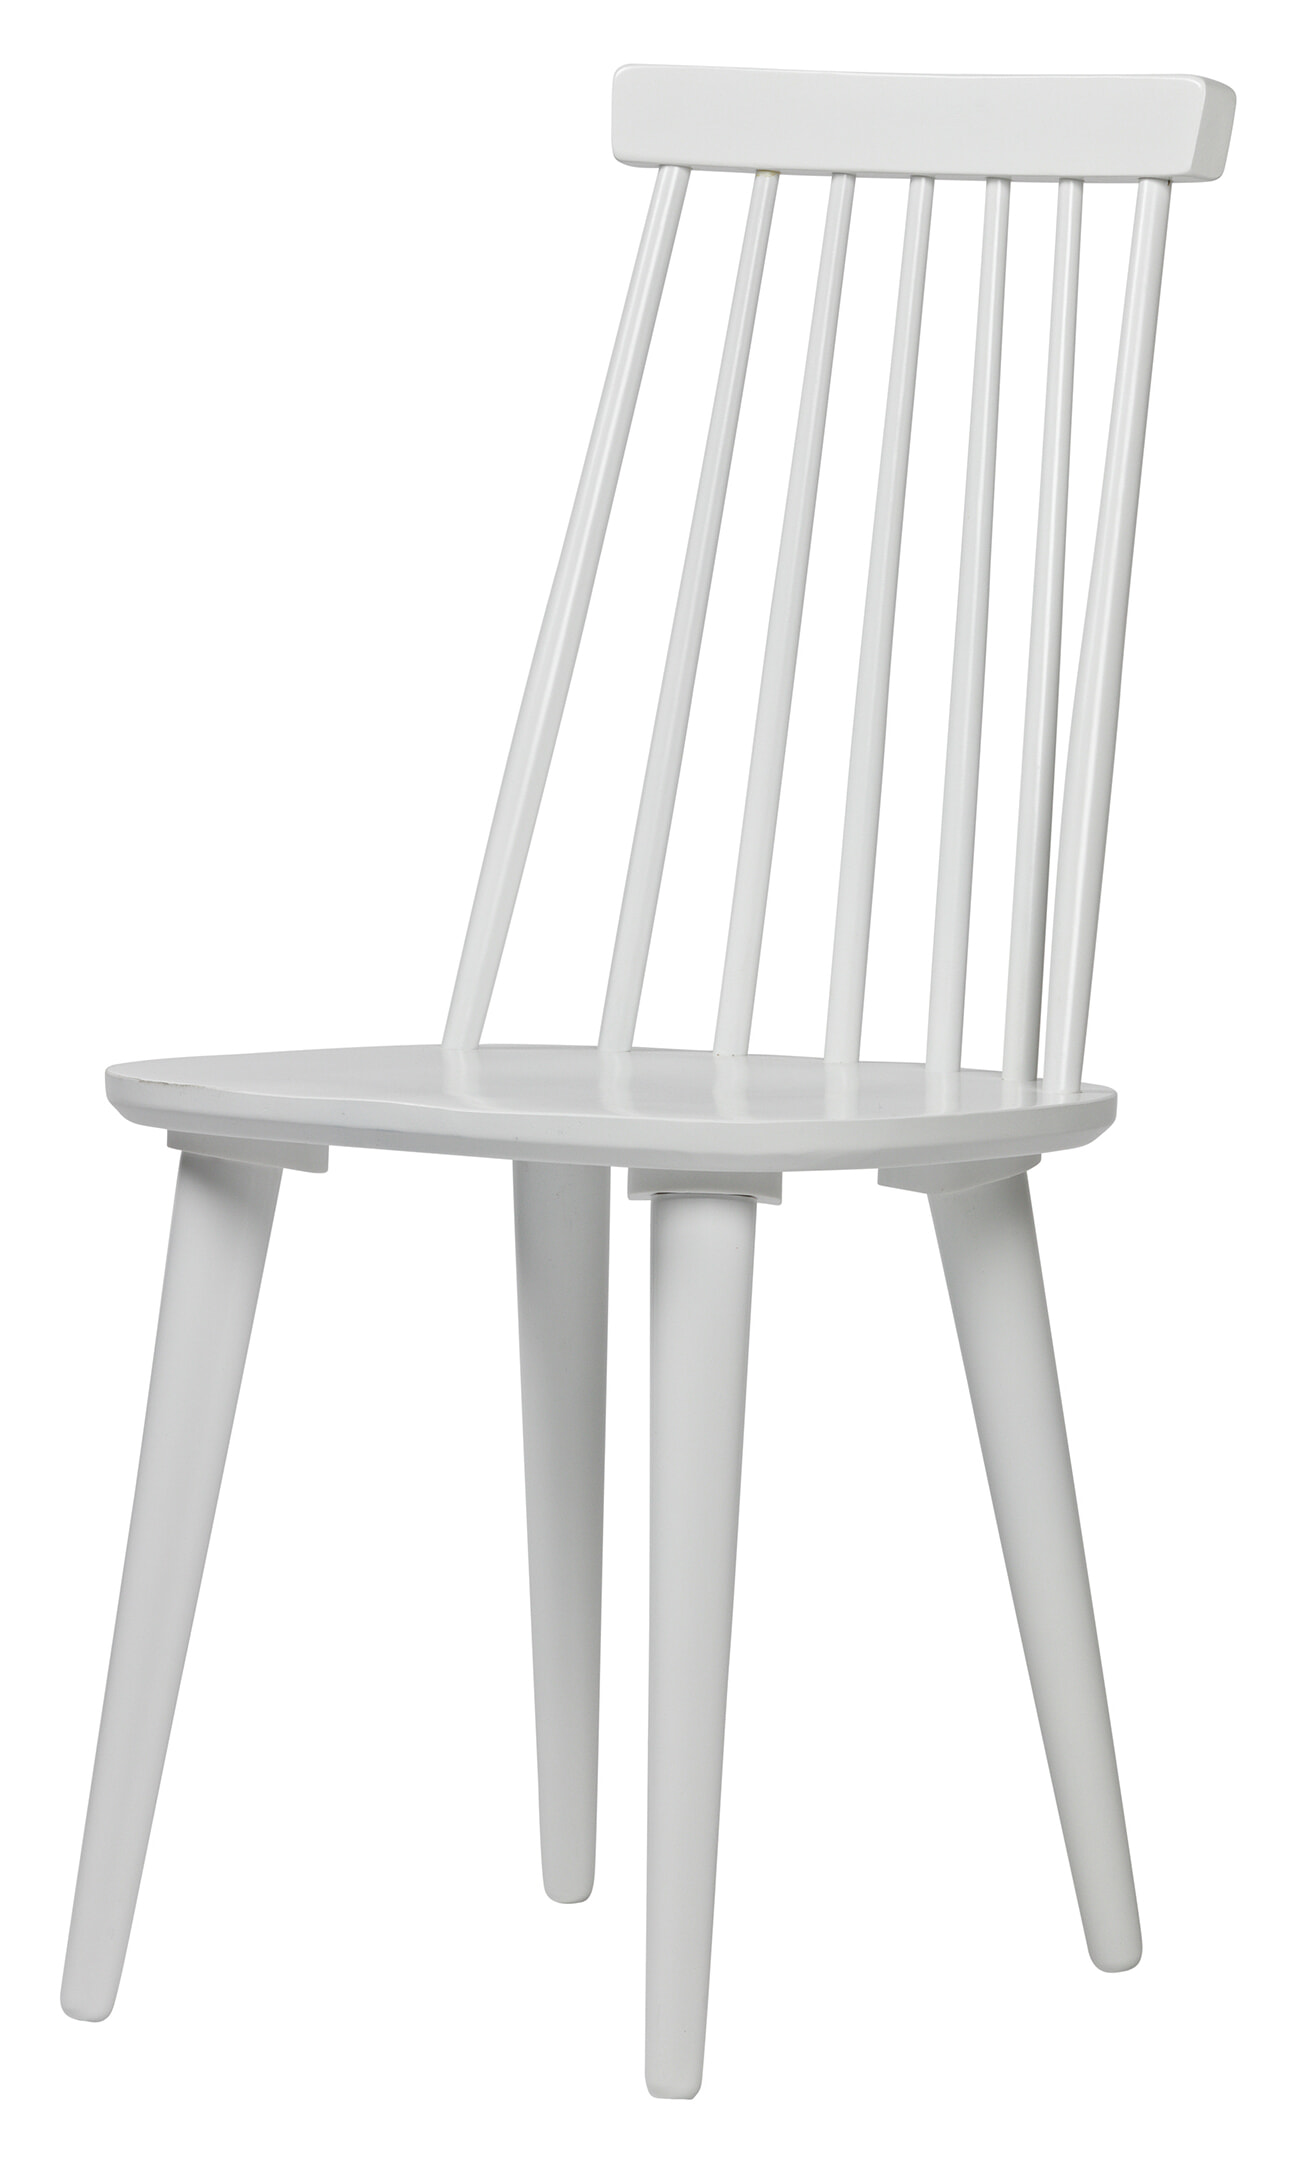 vtwonen Eetkamerstoel 'Sticks', kleur Wit met voordeel snel in huis via Meubel Partner